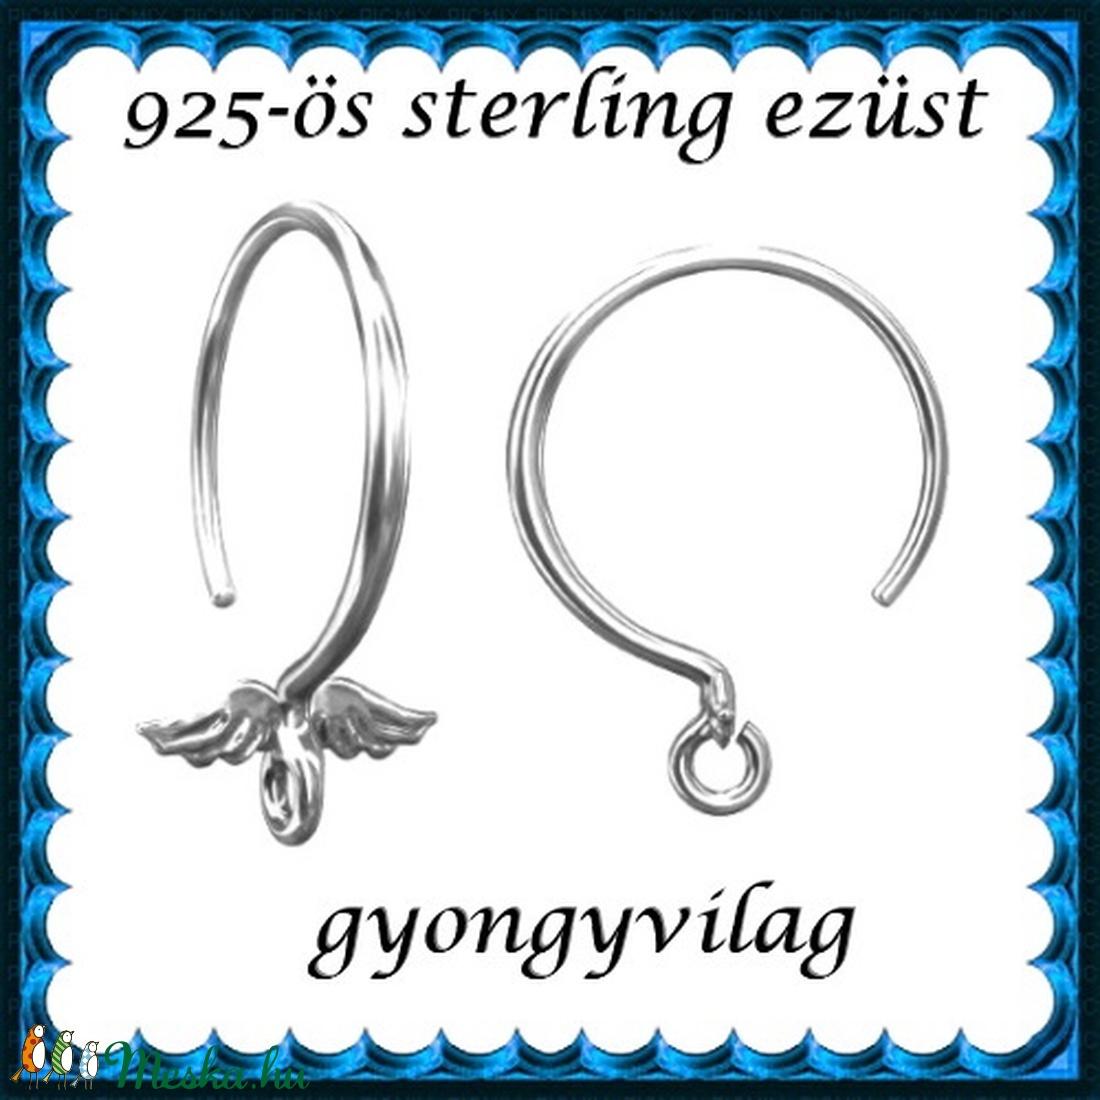 925-ös sterling ezüst ékszerkellék: fülbevalóalap akasztós EFK A 89 - gyöngy, ékszerkellék - egyéb alkatrész - Meska.hu